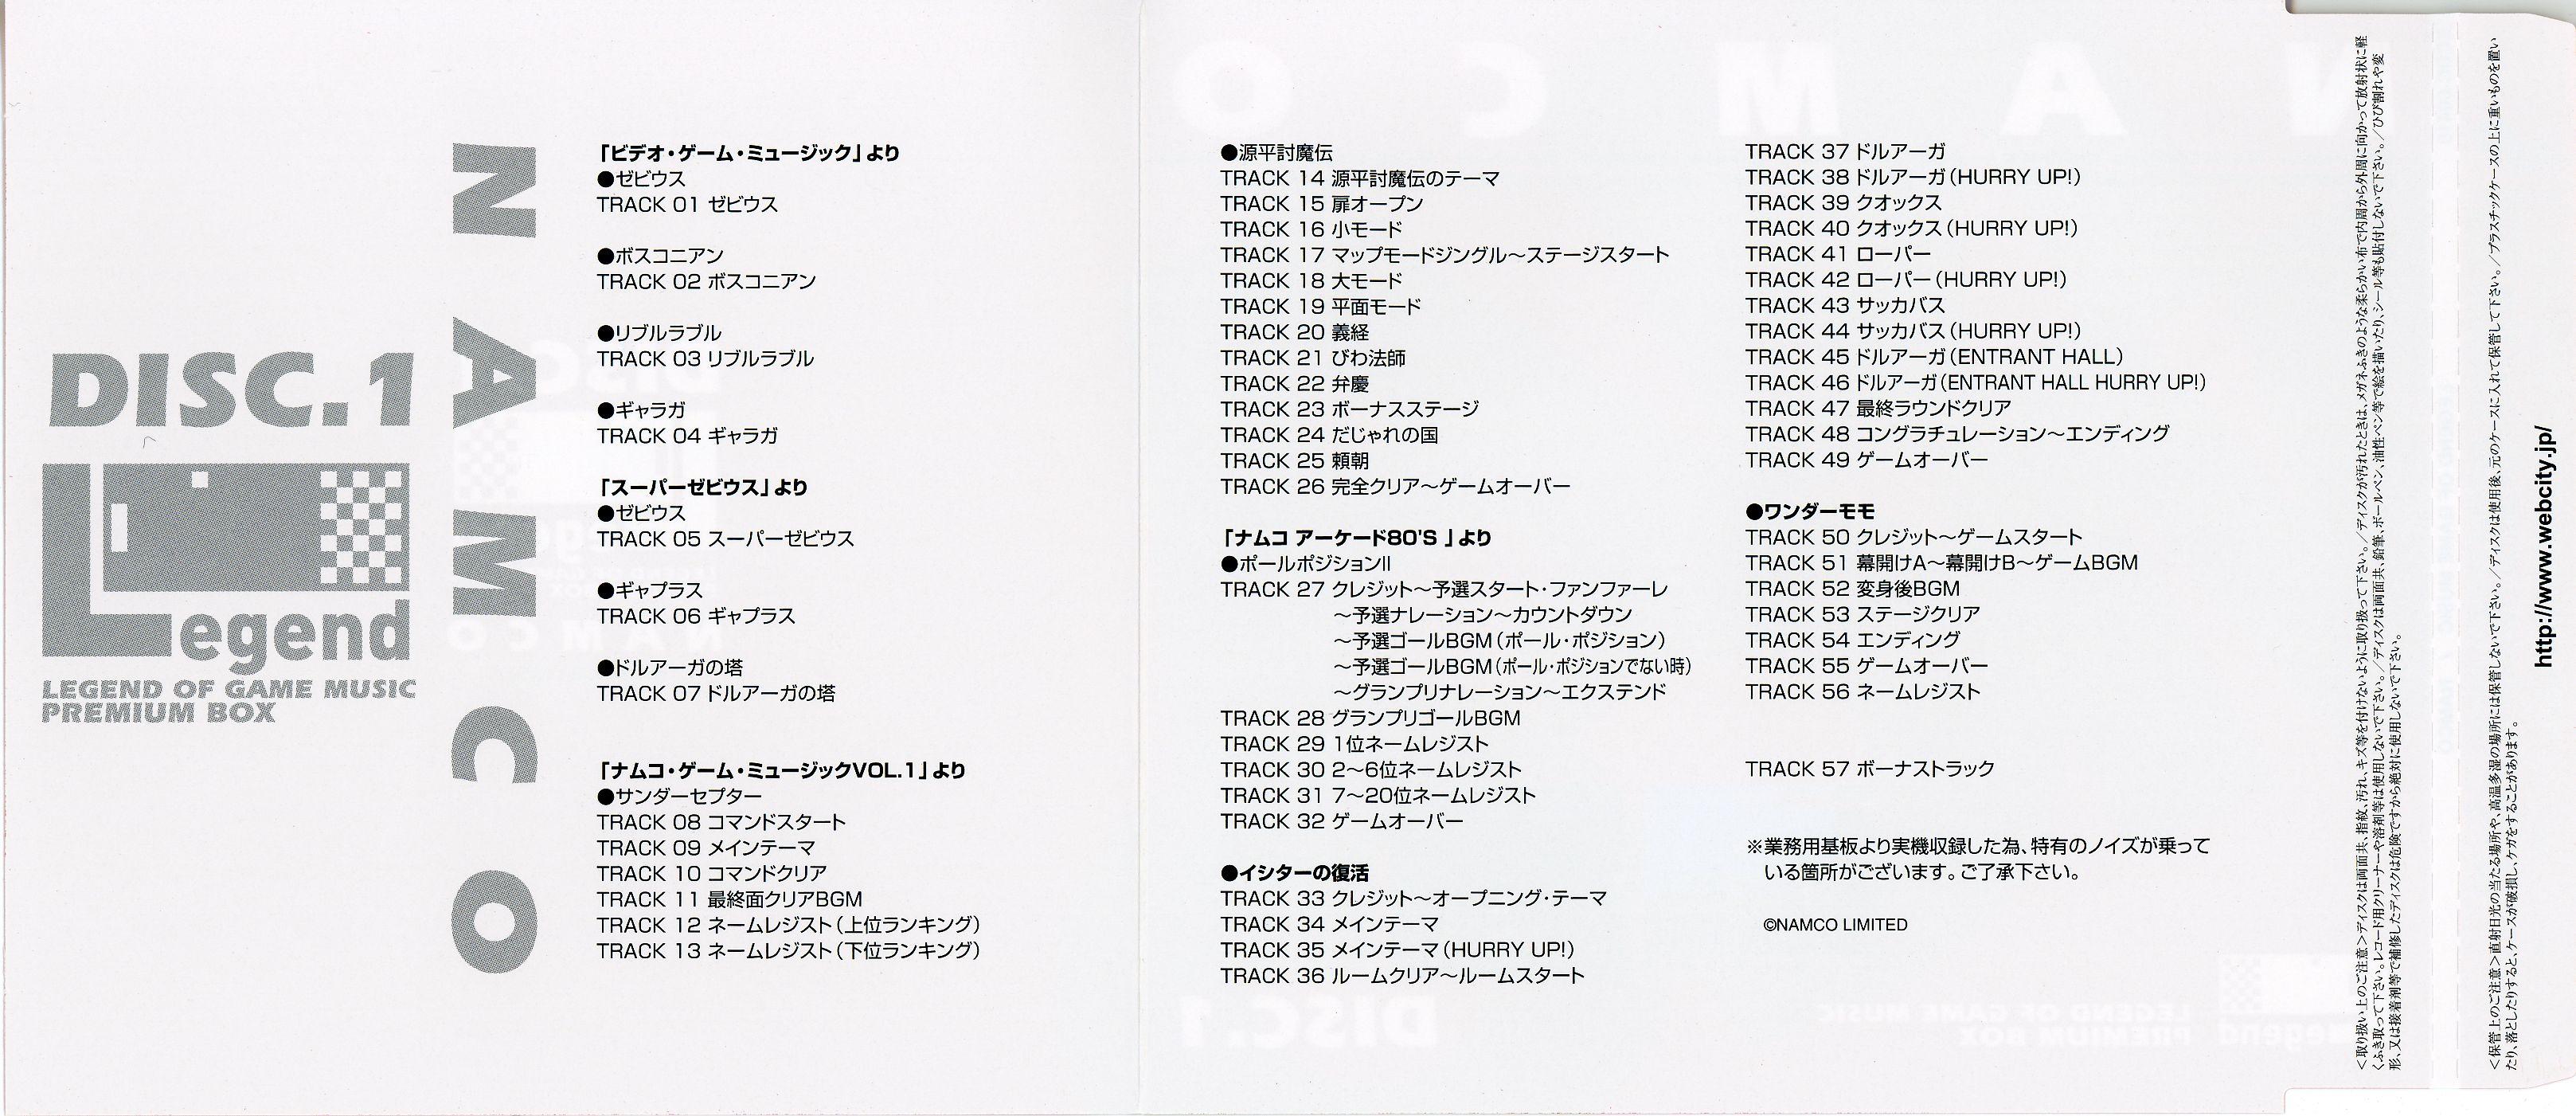 Legend Of Game Music Premium Box Mp3